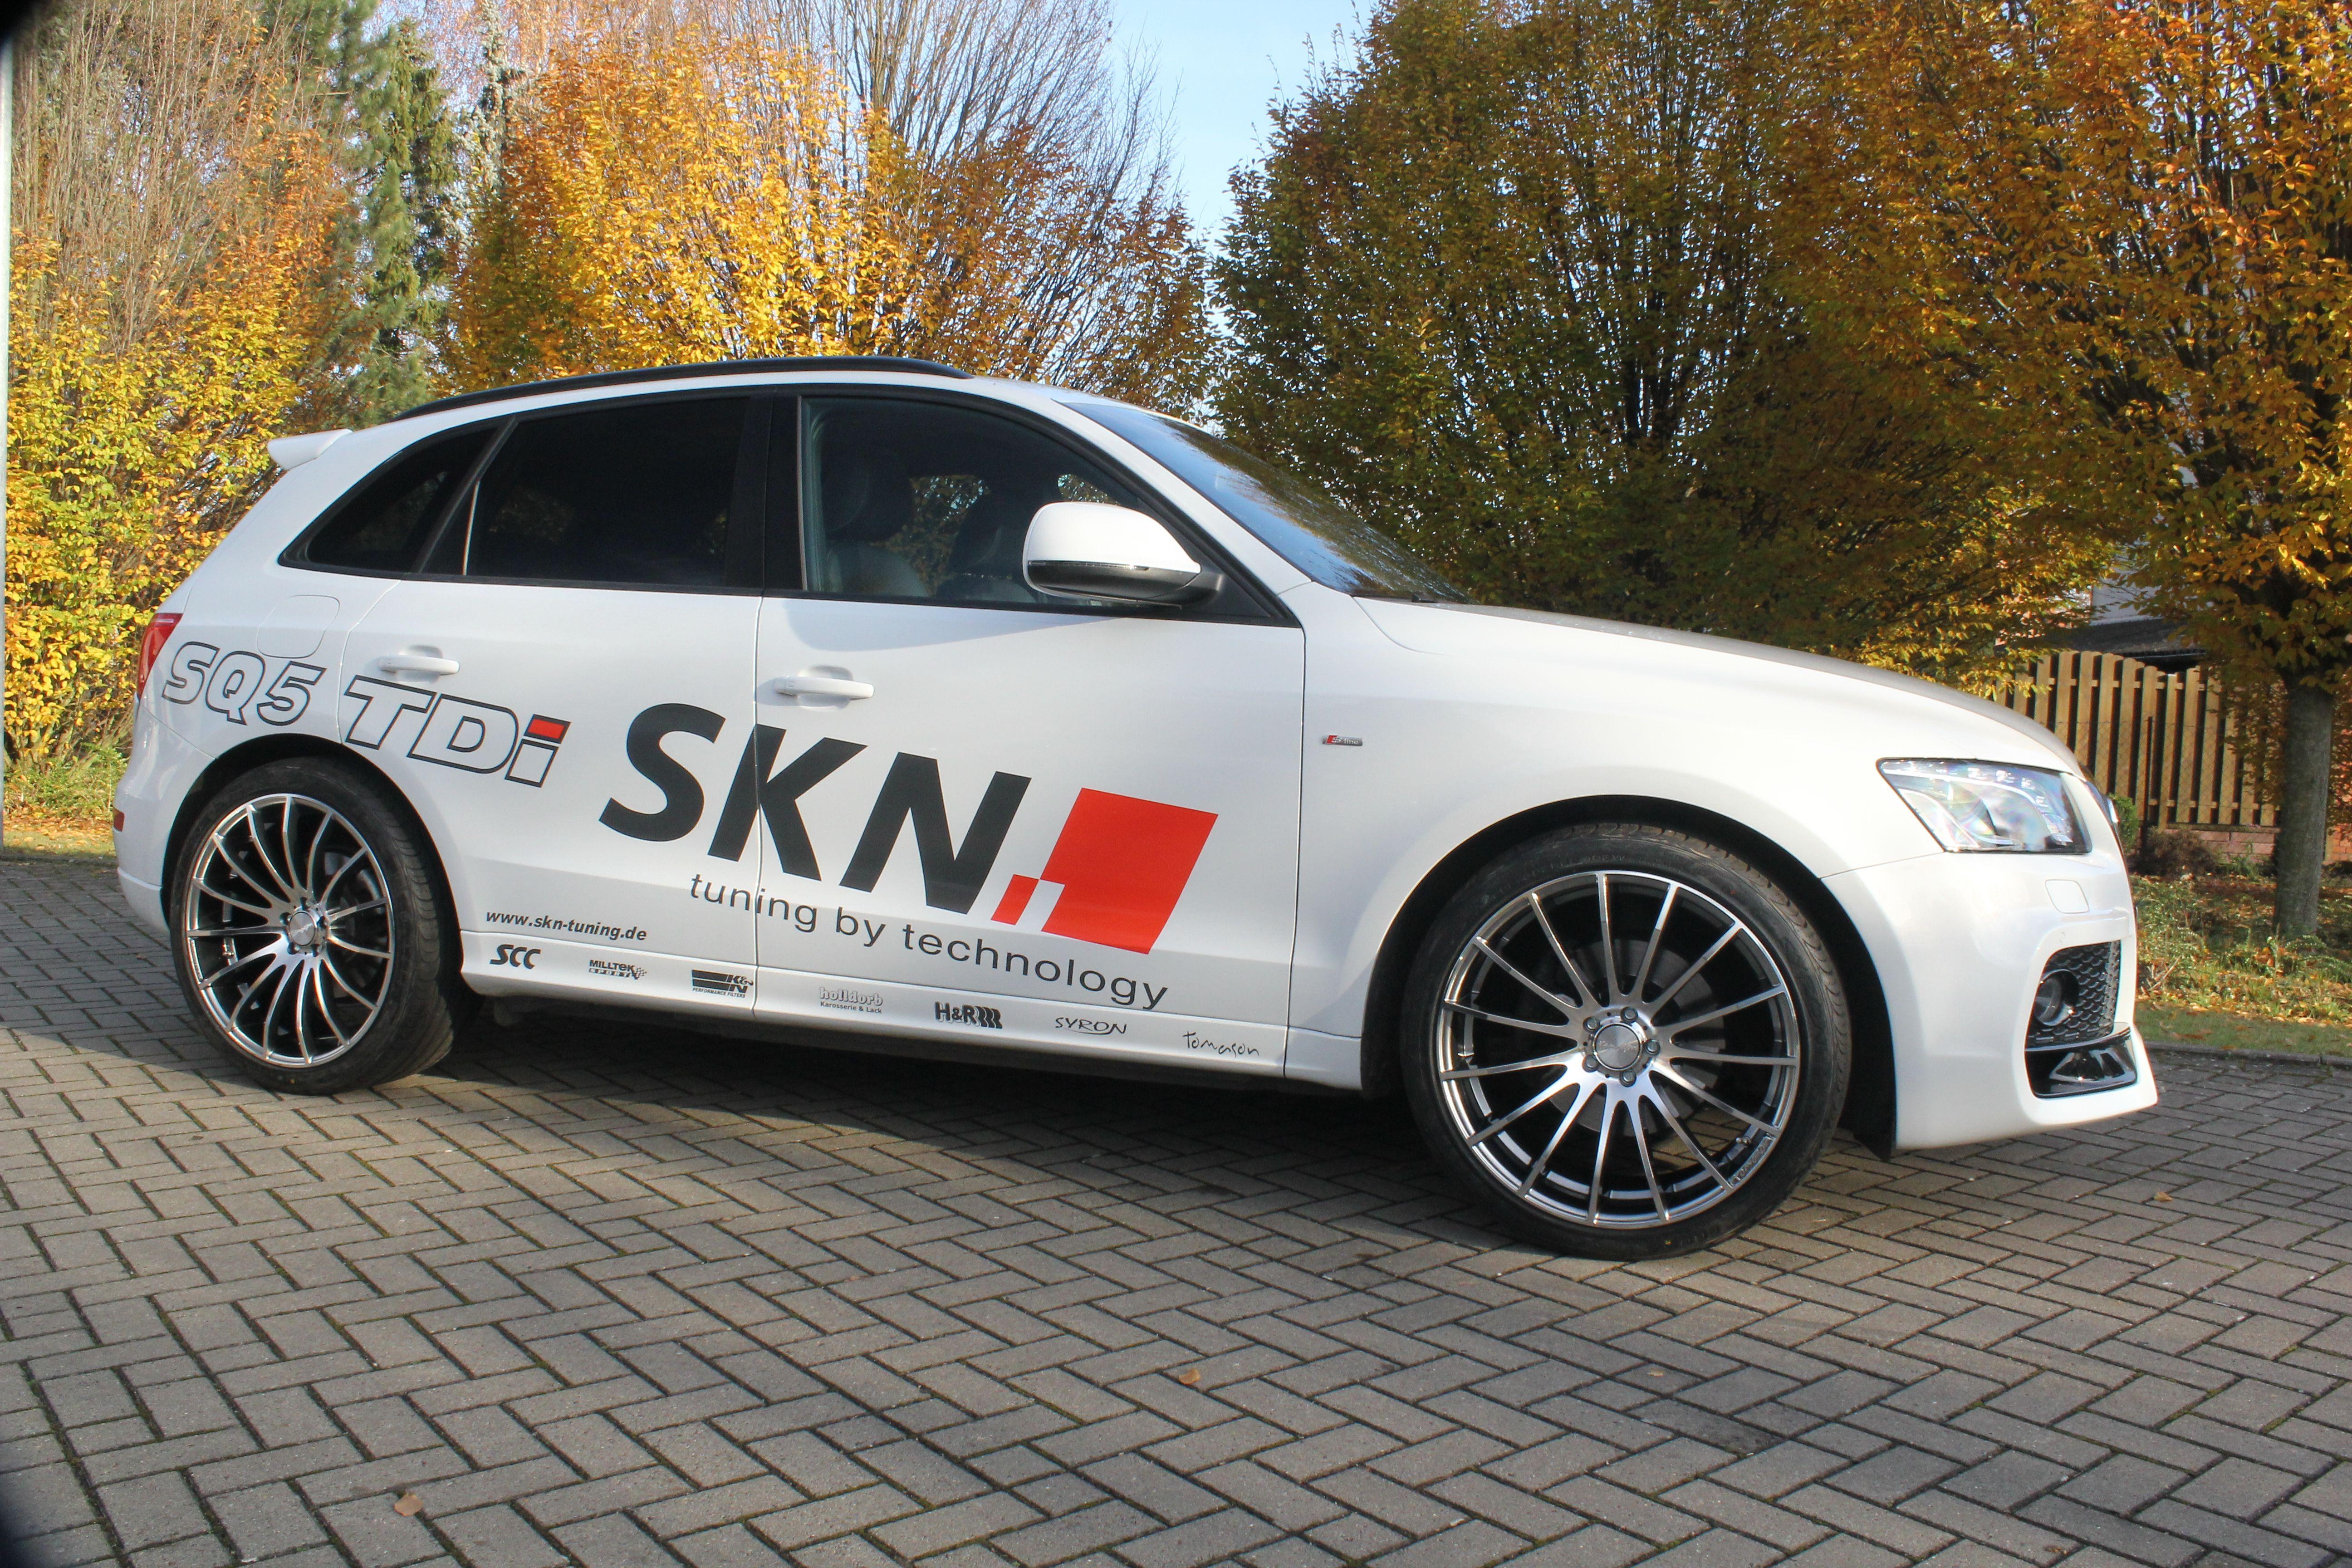 Skn Audi Q5 3 0tdi Quattro Ontomason Tn9 Audi Q 5 Audi